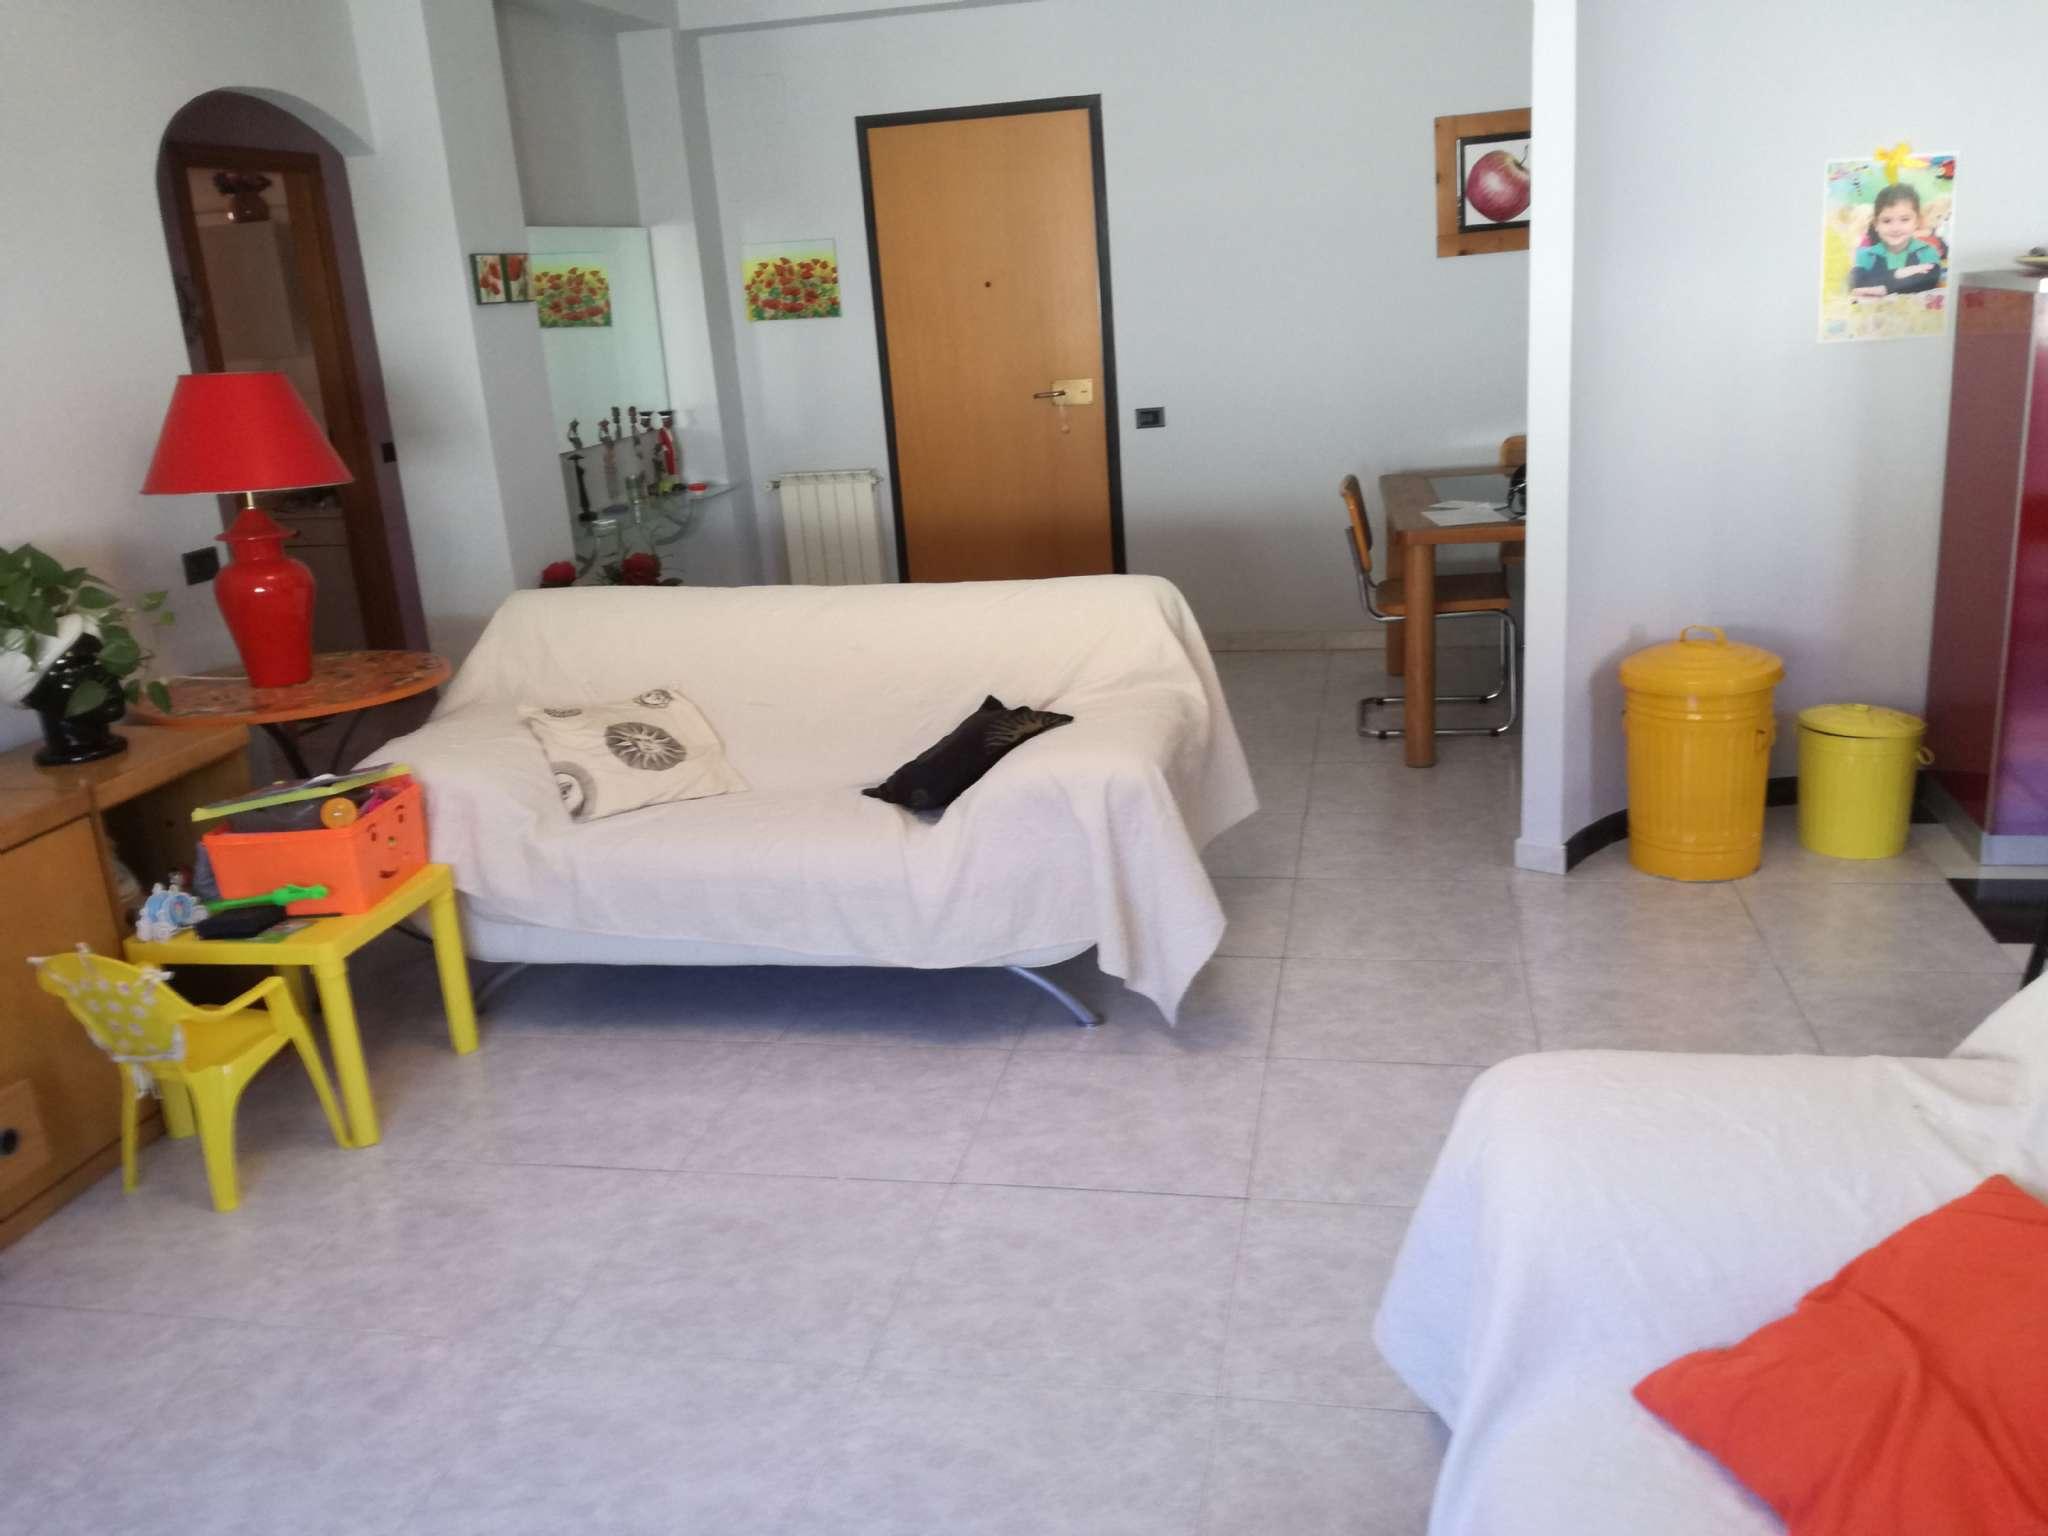 Appartamento in vendita a Mascalucia, 9999 locali, prezzo € 135.000 | CambioCasa.it